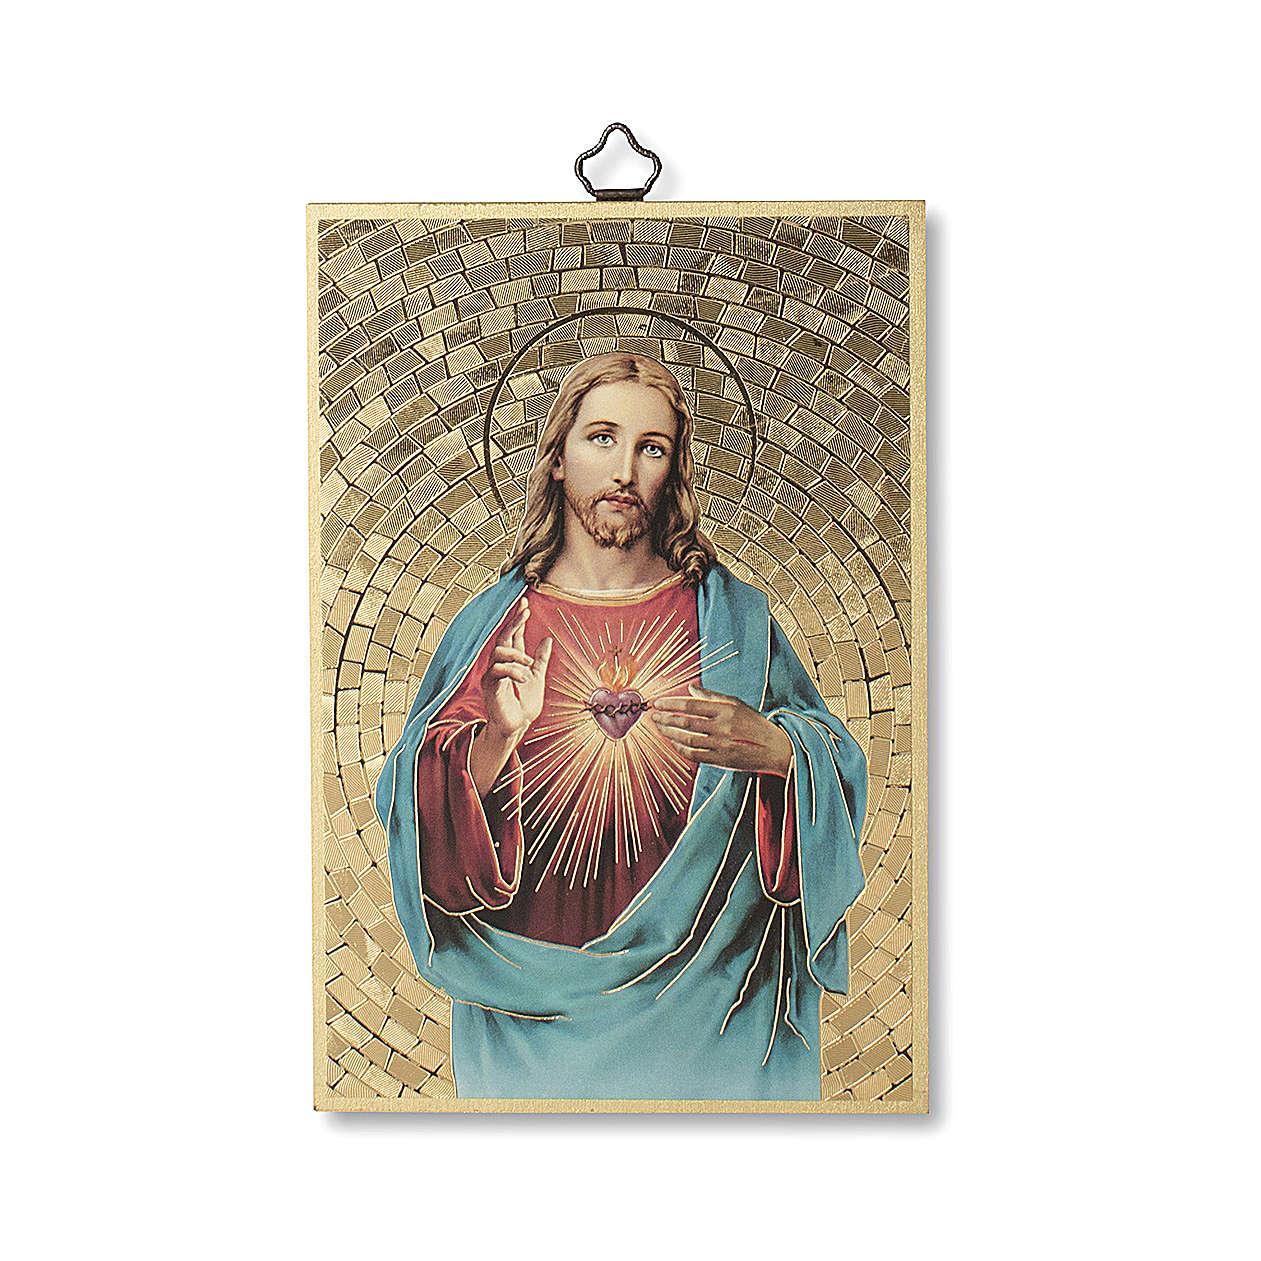 Impression sur bois Sacré Coeur de Jésus Au Sacré Coeur de Jésus ITA 3